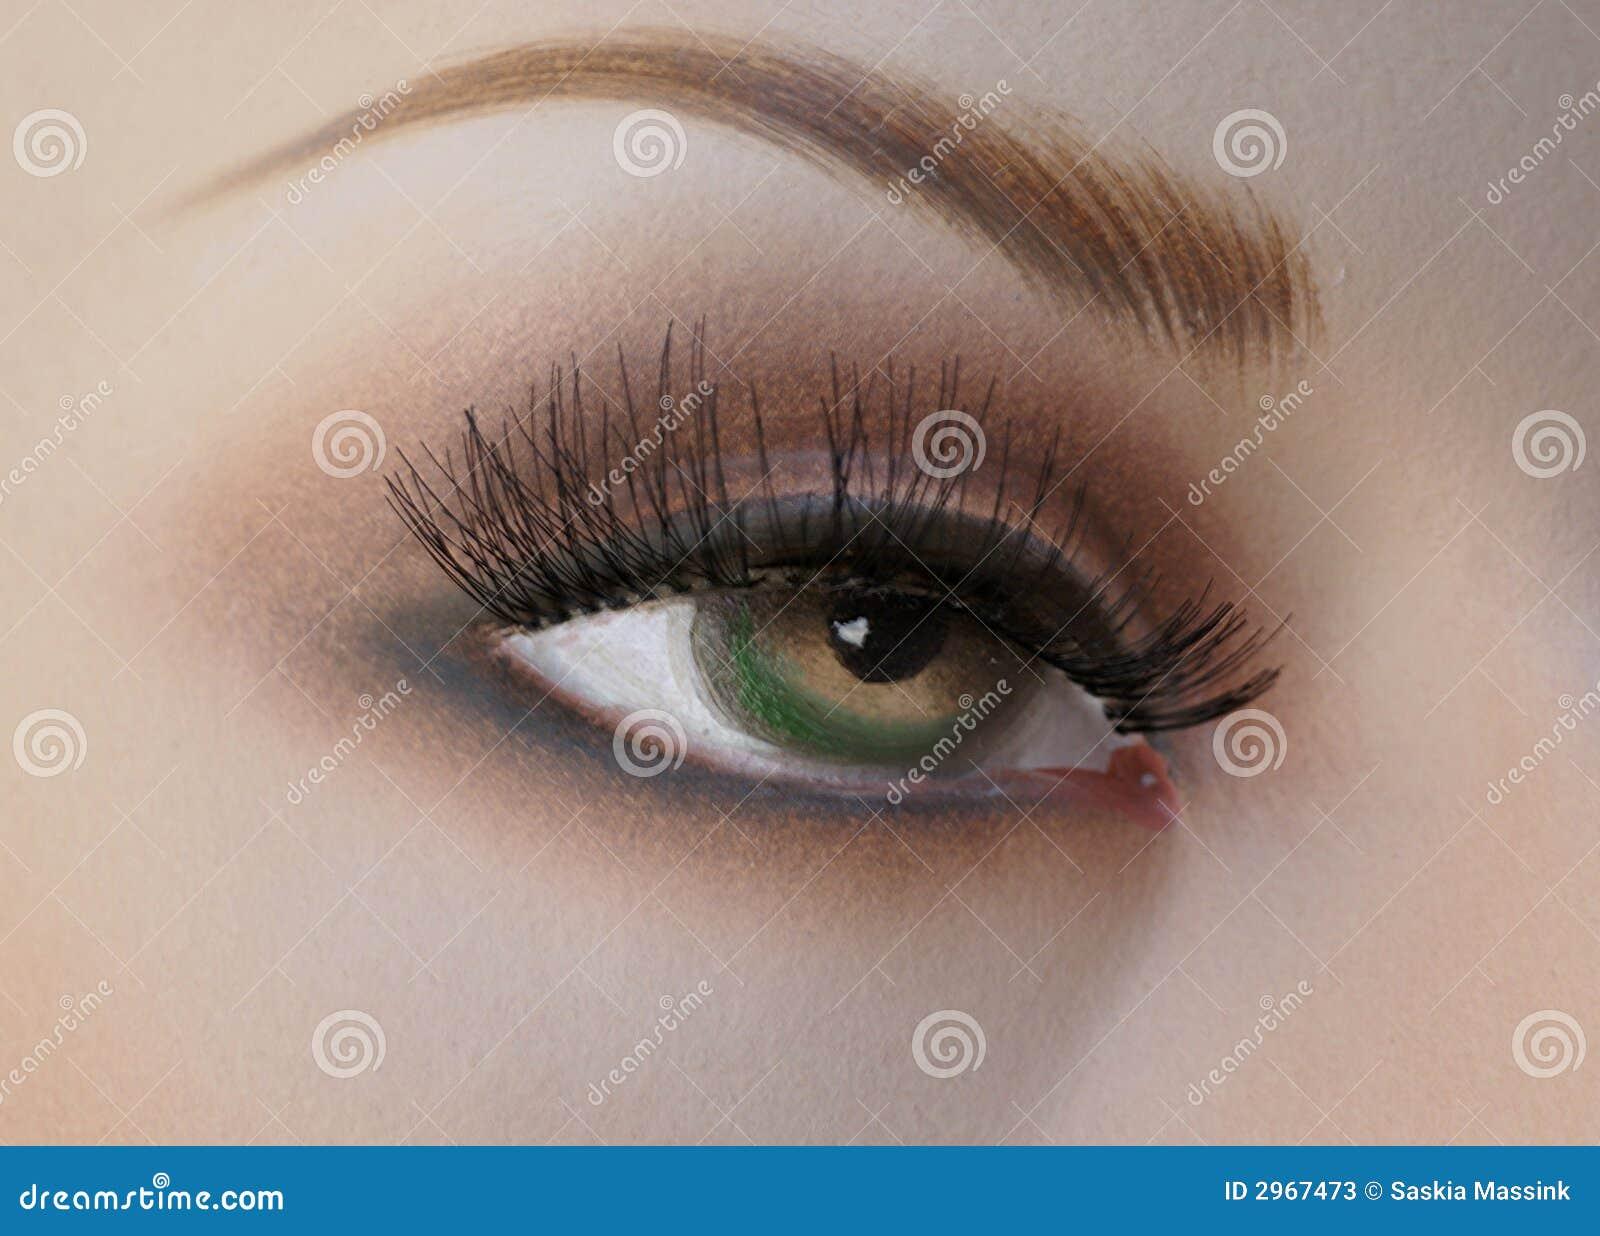 Mannequin s eye.